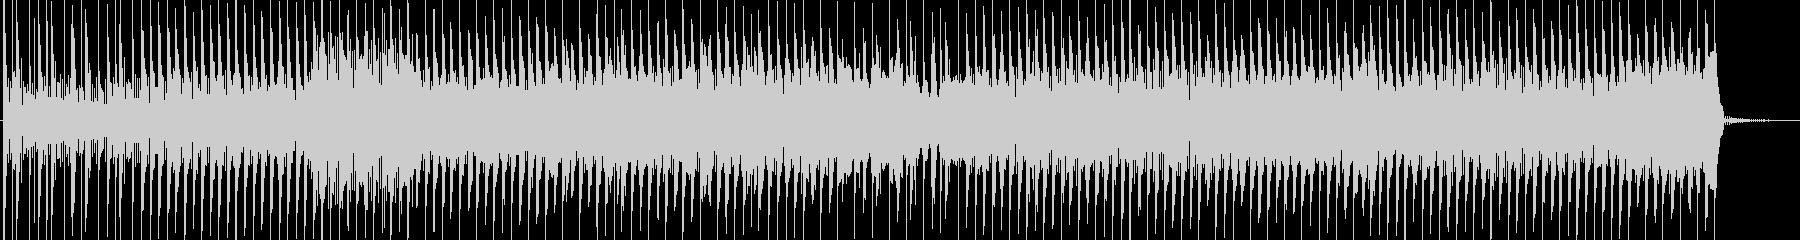 シンセサイザー、ベース、ドラム、エ...の未再生の波形